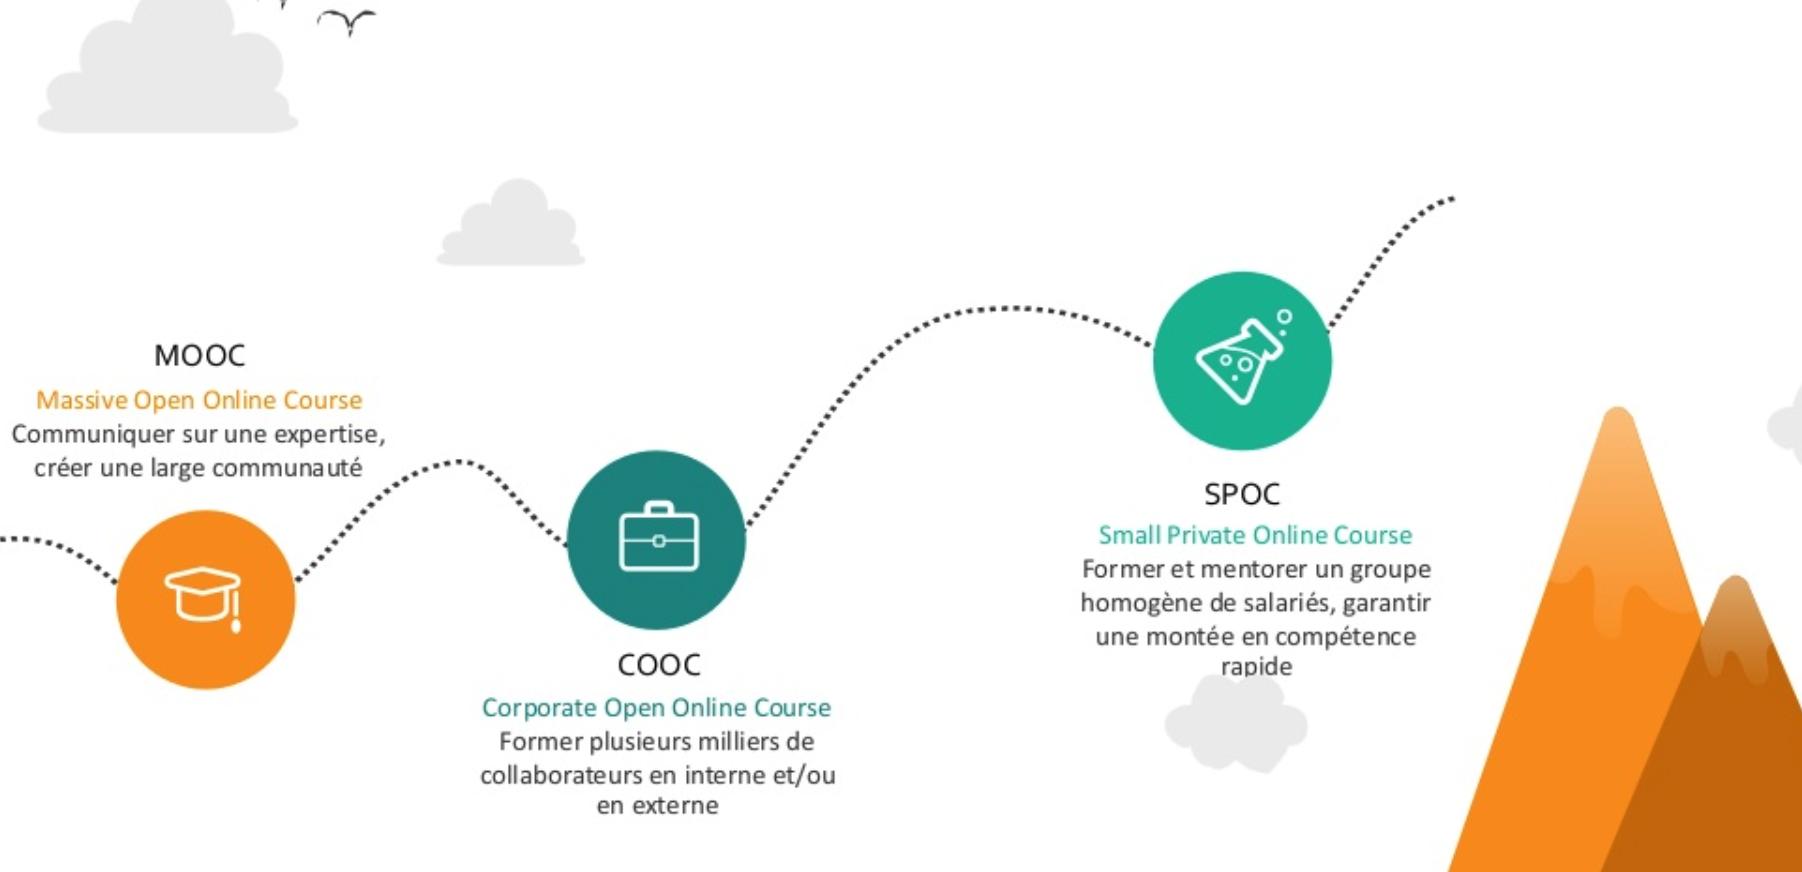 COOC : différences avec MOOC et SPOC